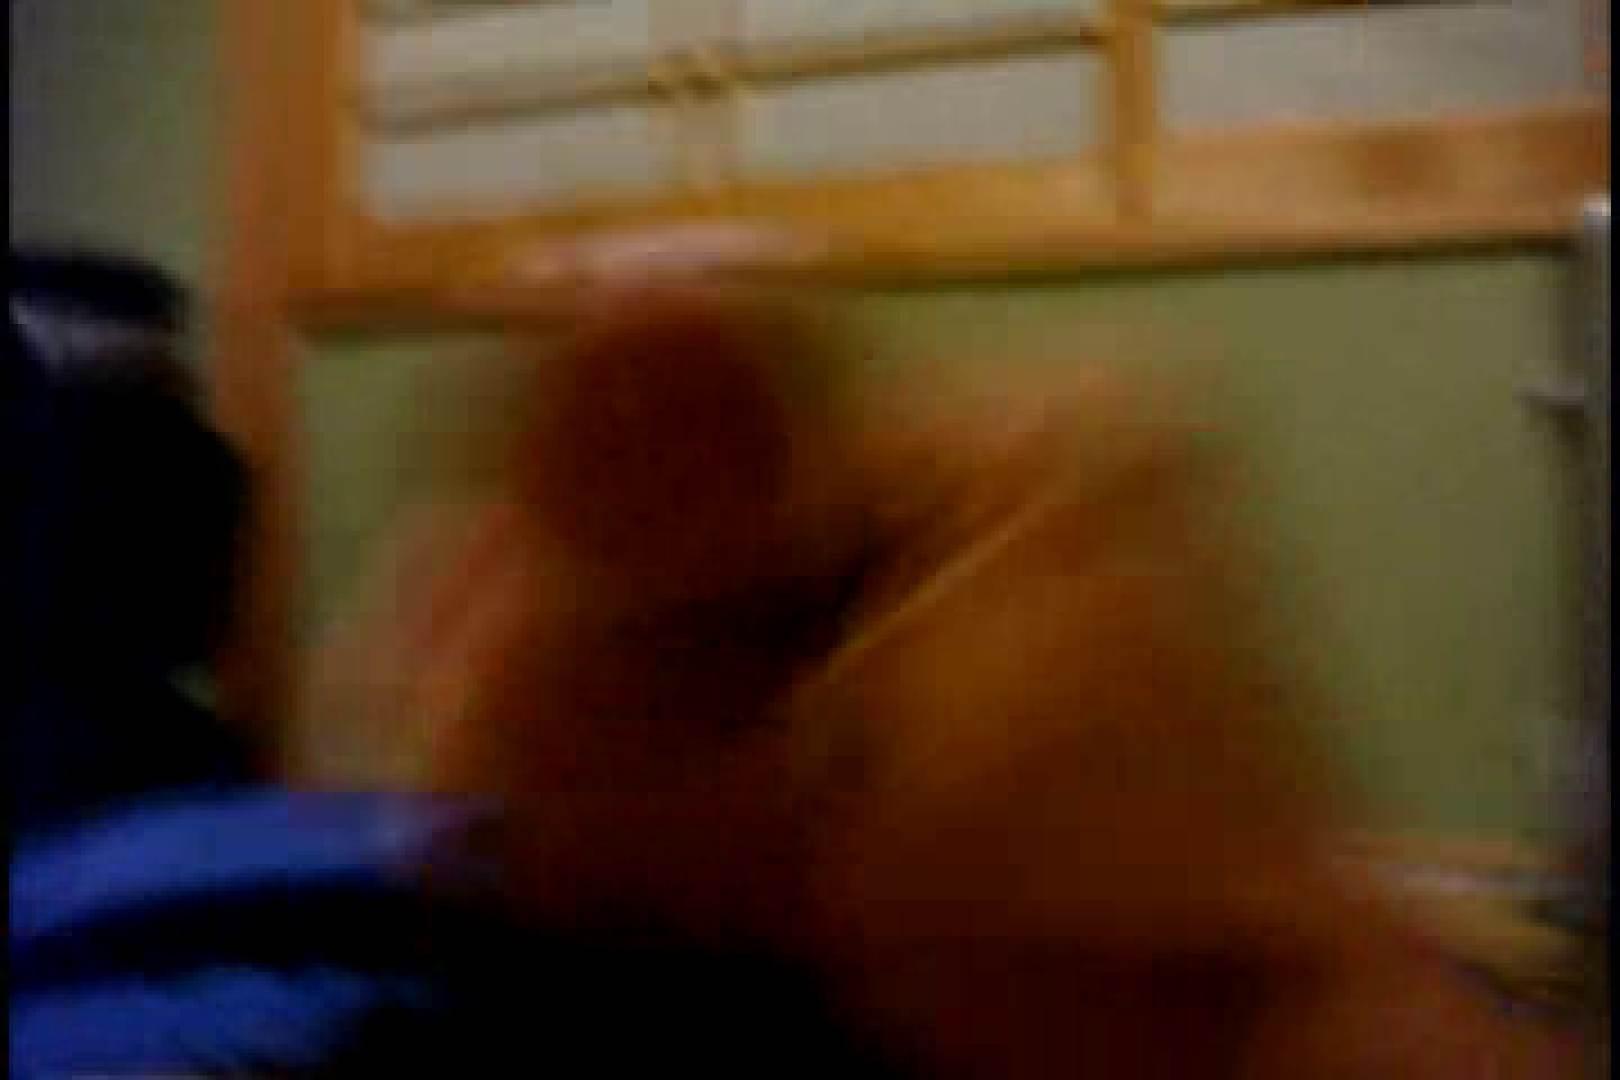 オナ好きノンケテニス部員の自画撮り投稿vol.02 投稿 | ゲイのオナニー映像  102枚 46